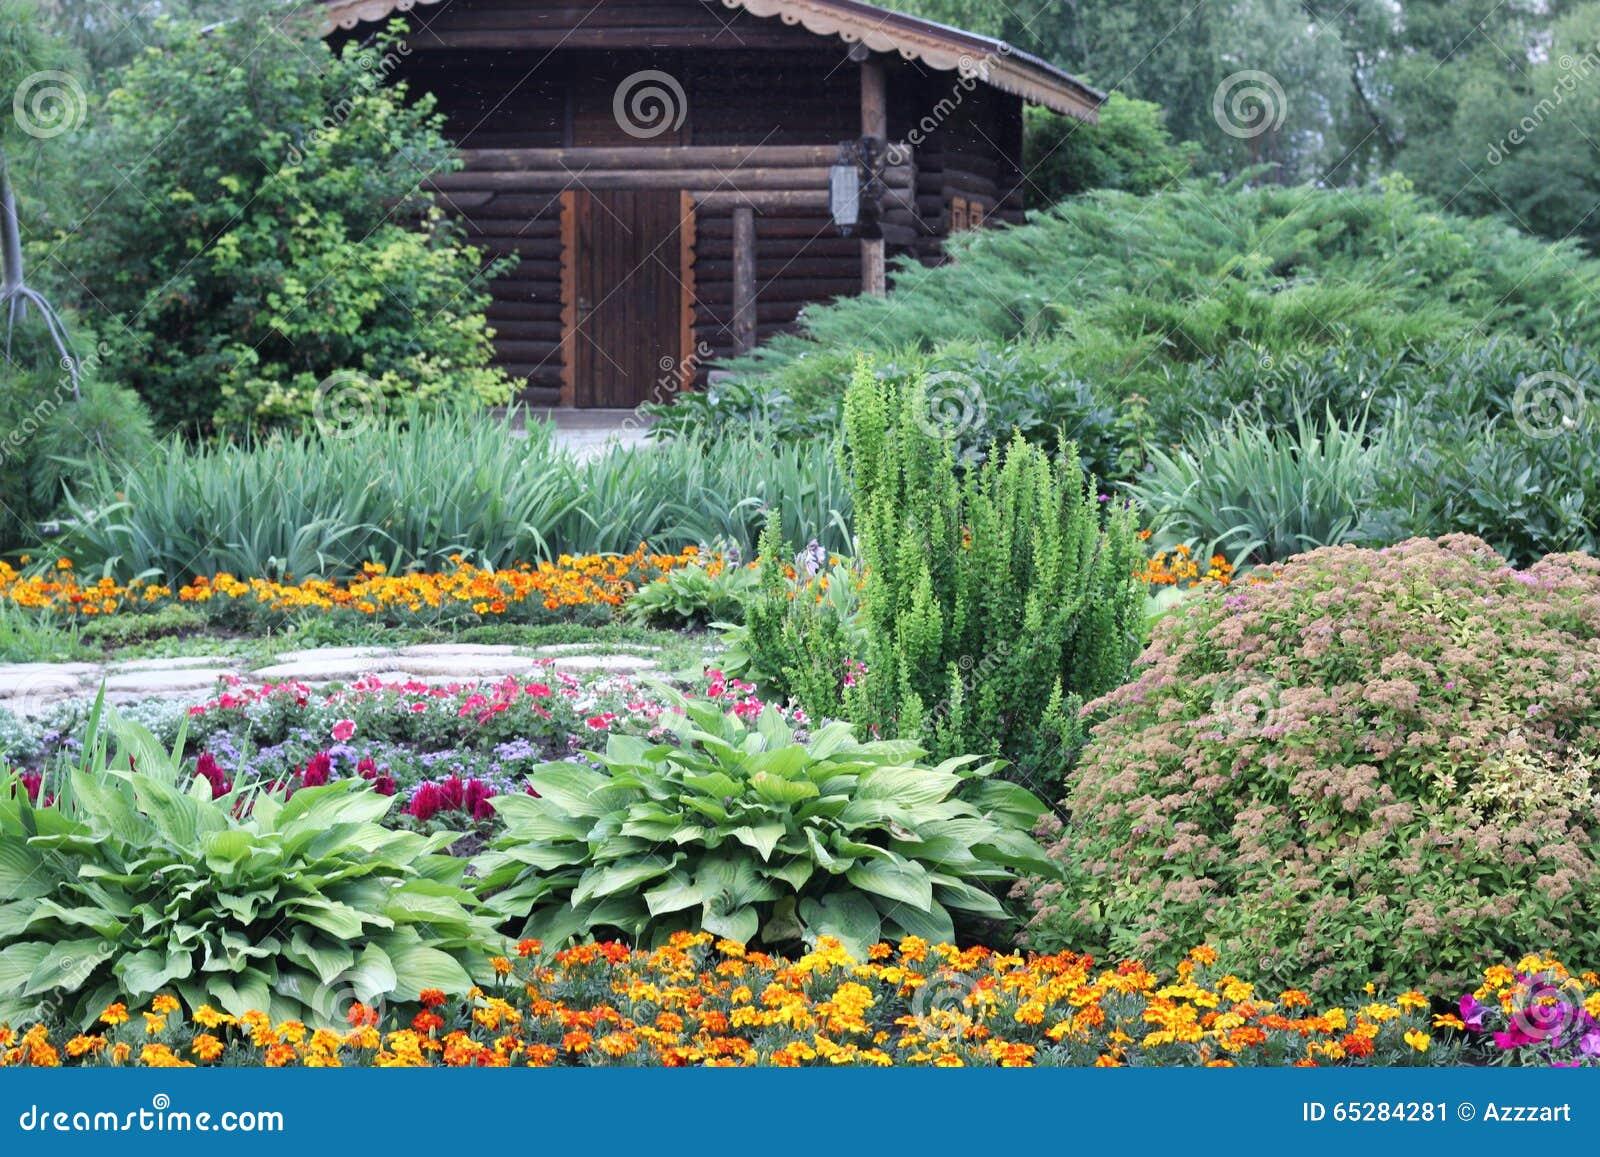 Maison En Bois Dans Le Jardin Fleuri Image Stock Image Du